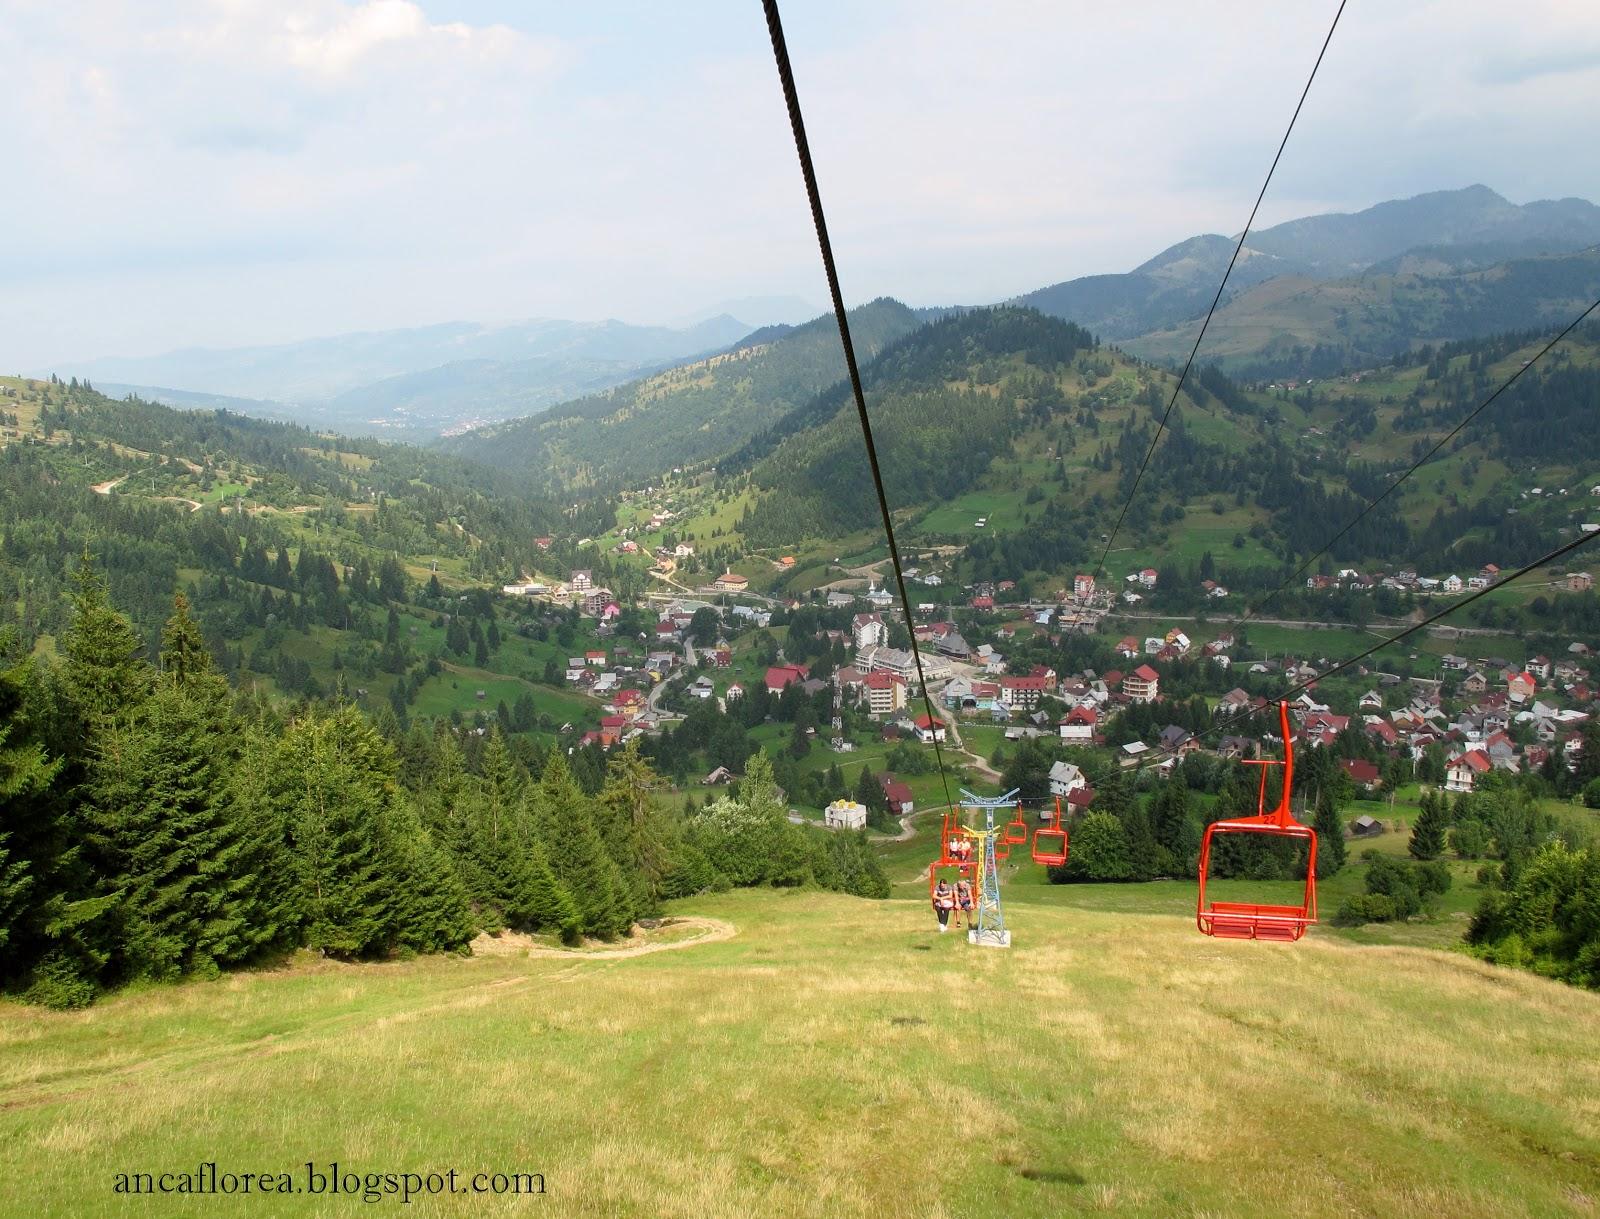 destinatiidevacanta blogspot com: Complex turistic Borşa